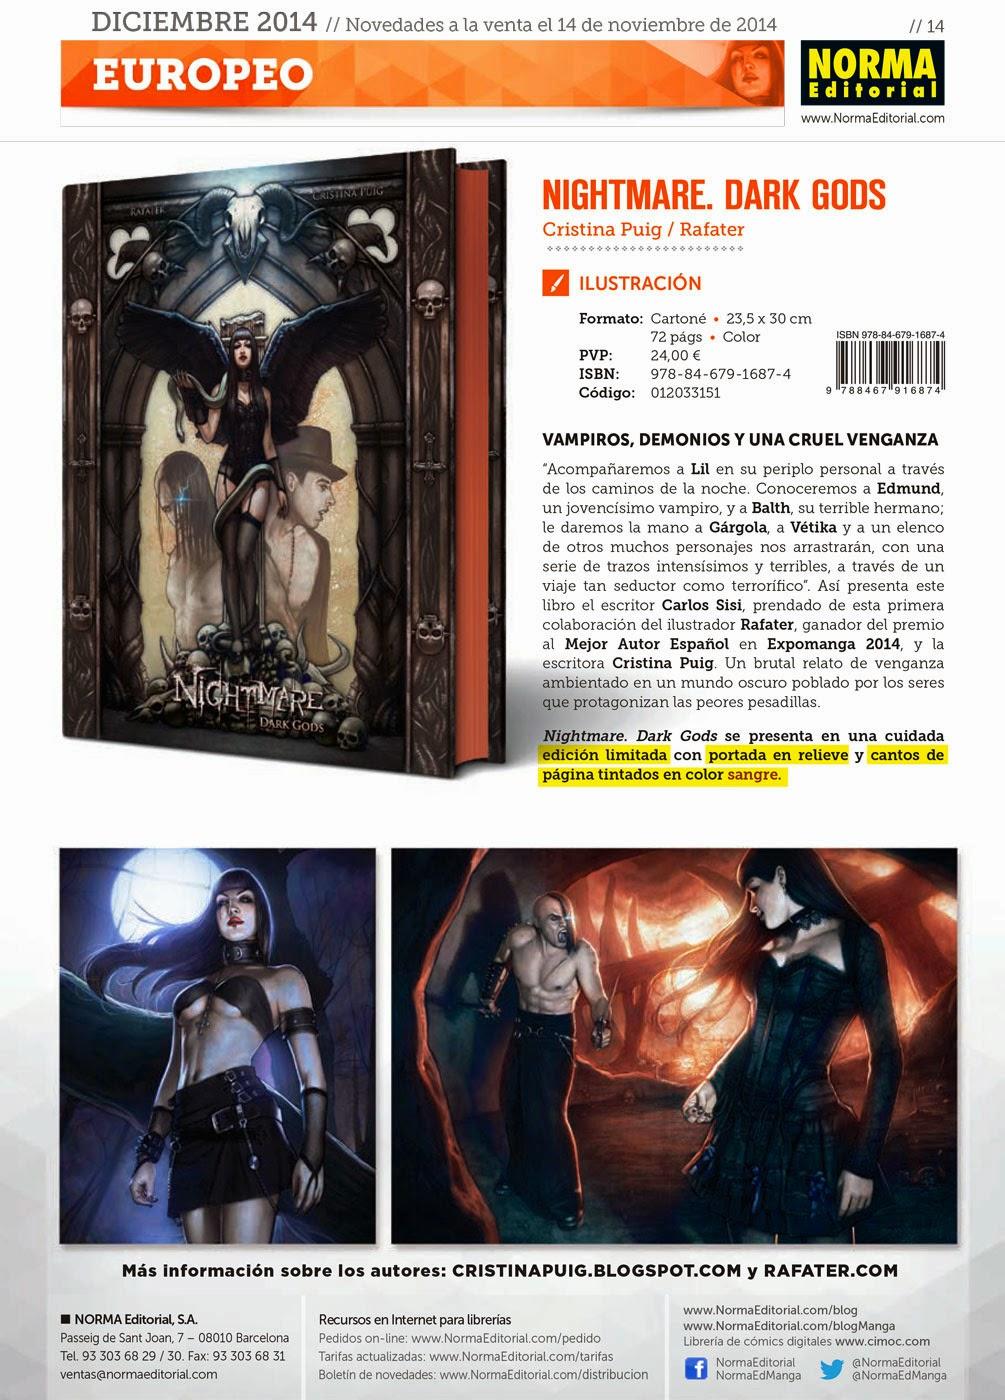 Nightmare dark gods by Rafater